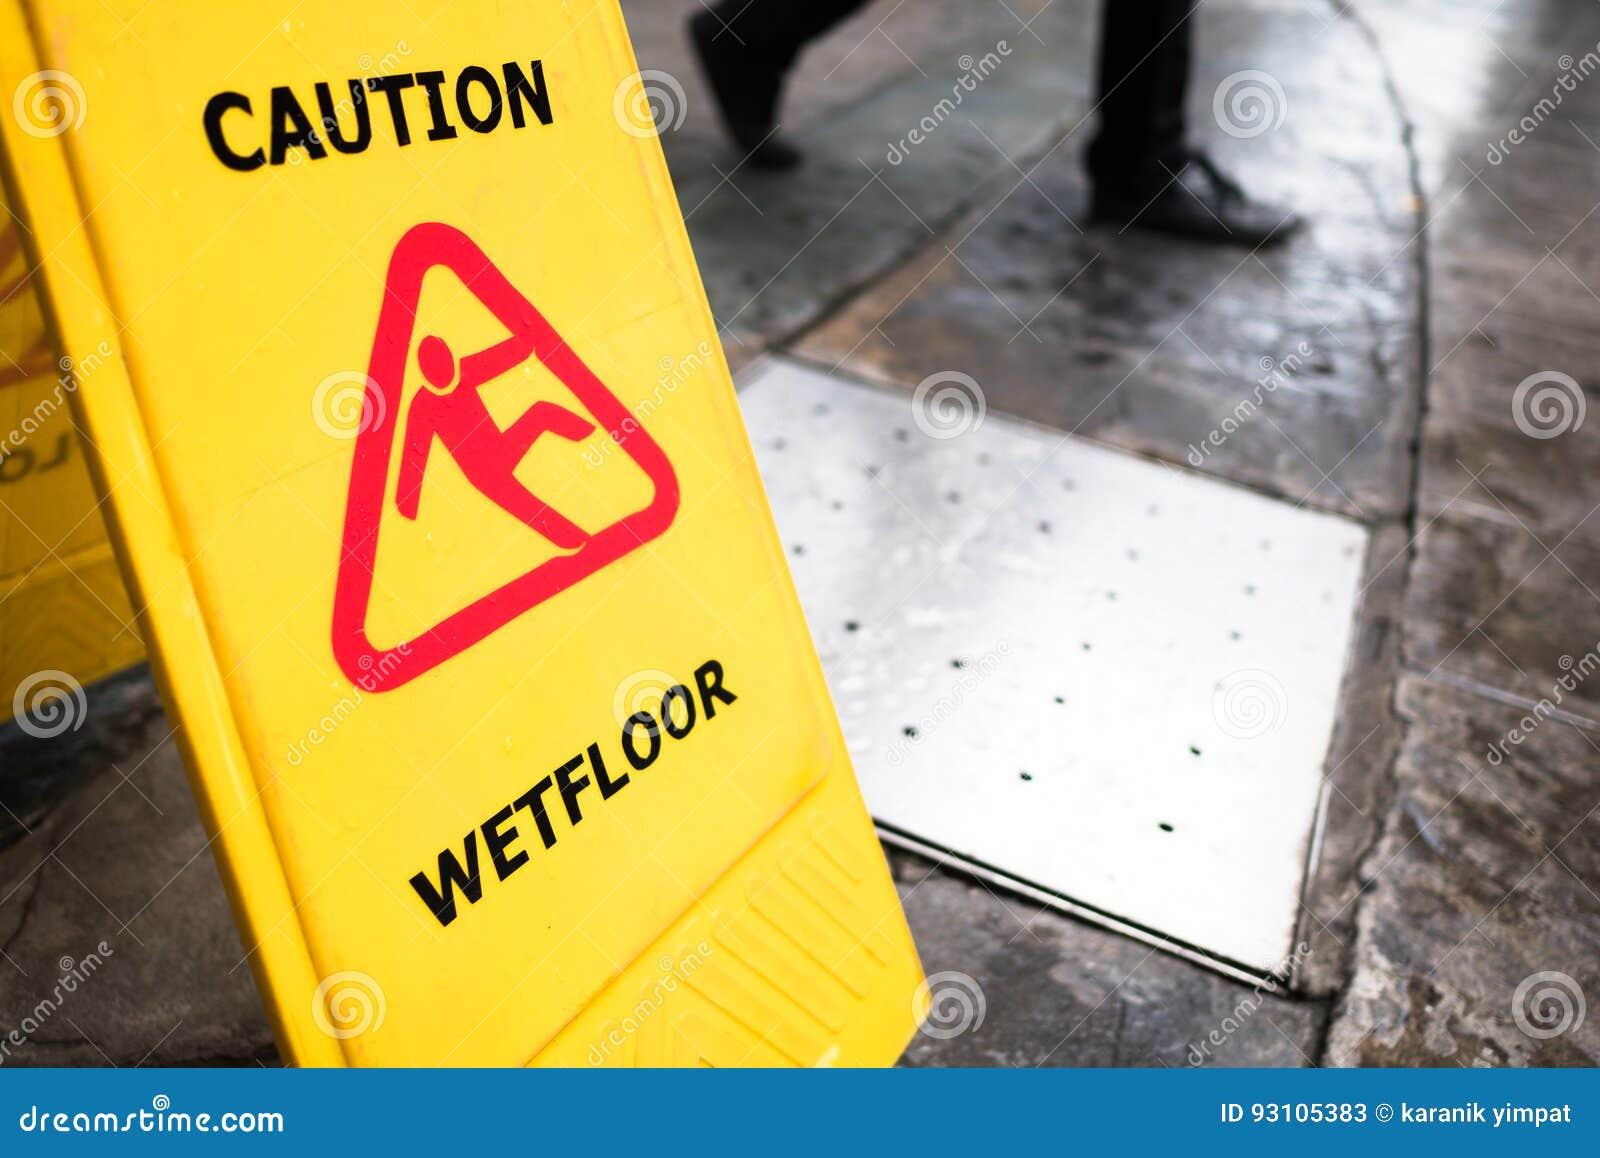 Uomini pavimento piedi attenzione bagnato donne piedi arte